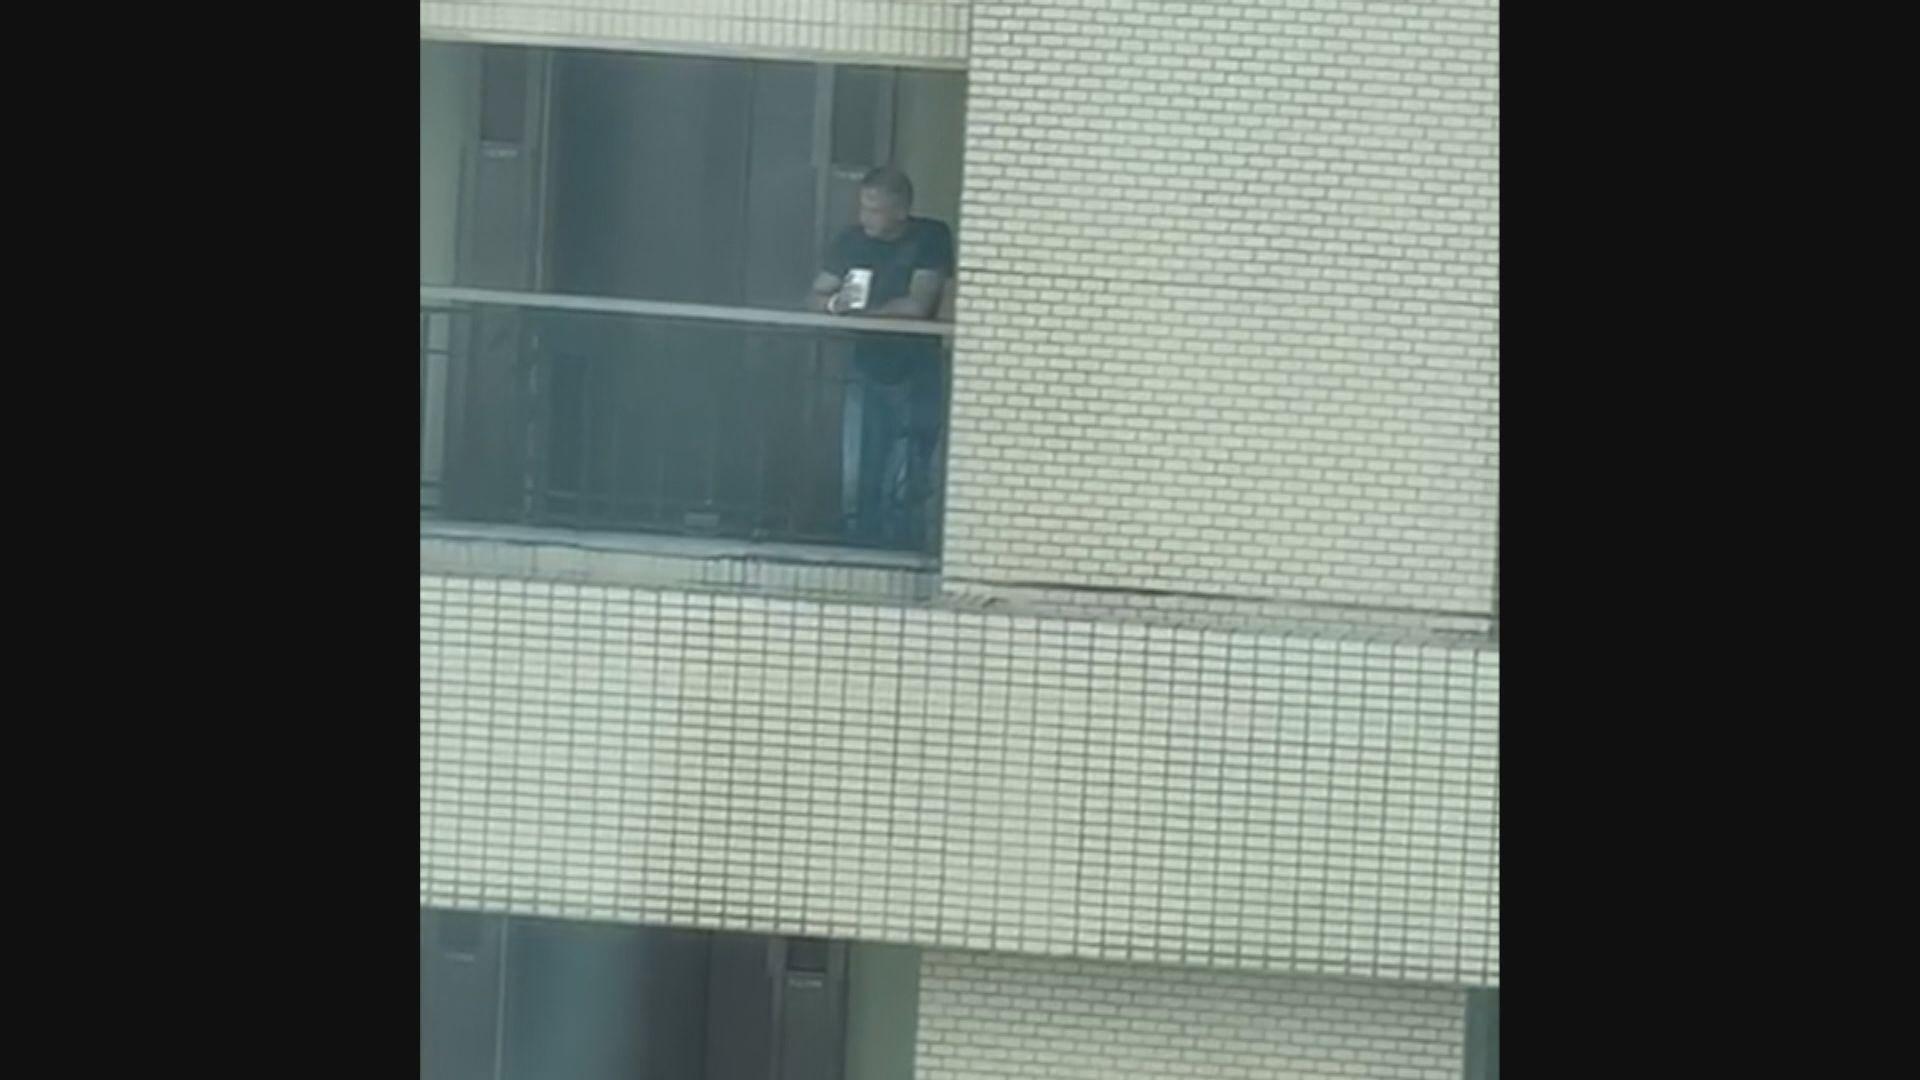 等候檢測中心旅客自由進出房間 居民憂酒店出現爆發